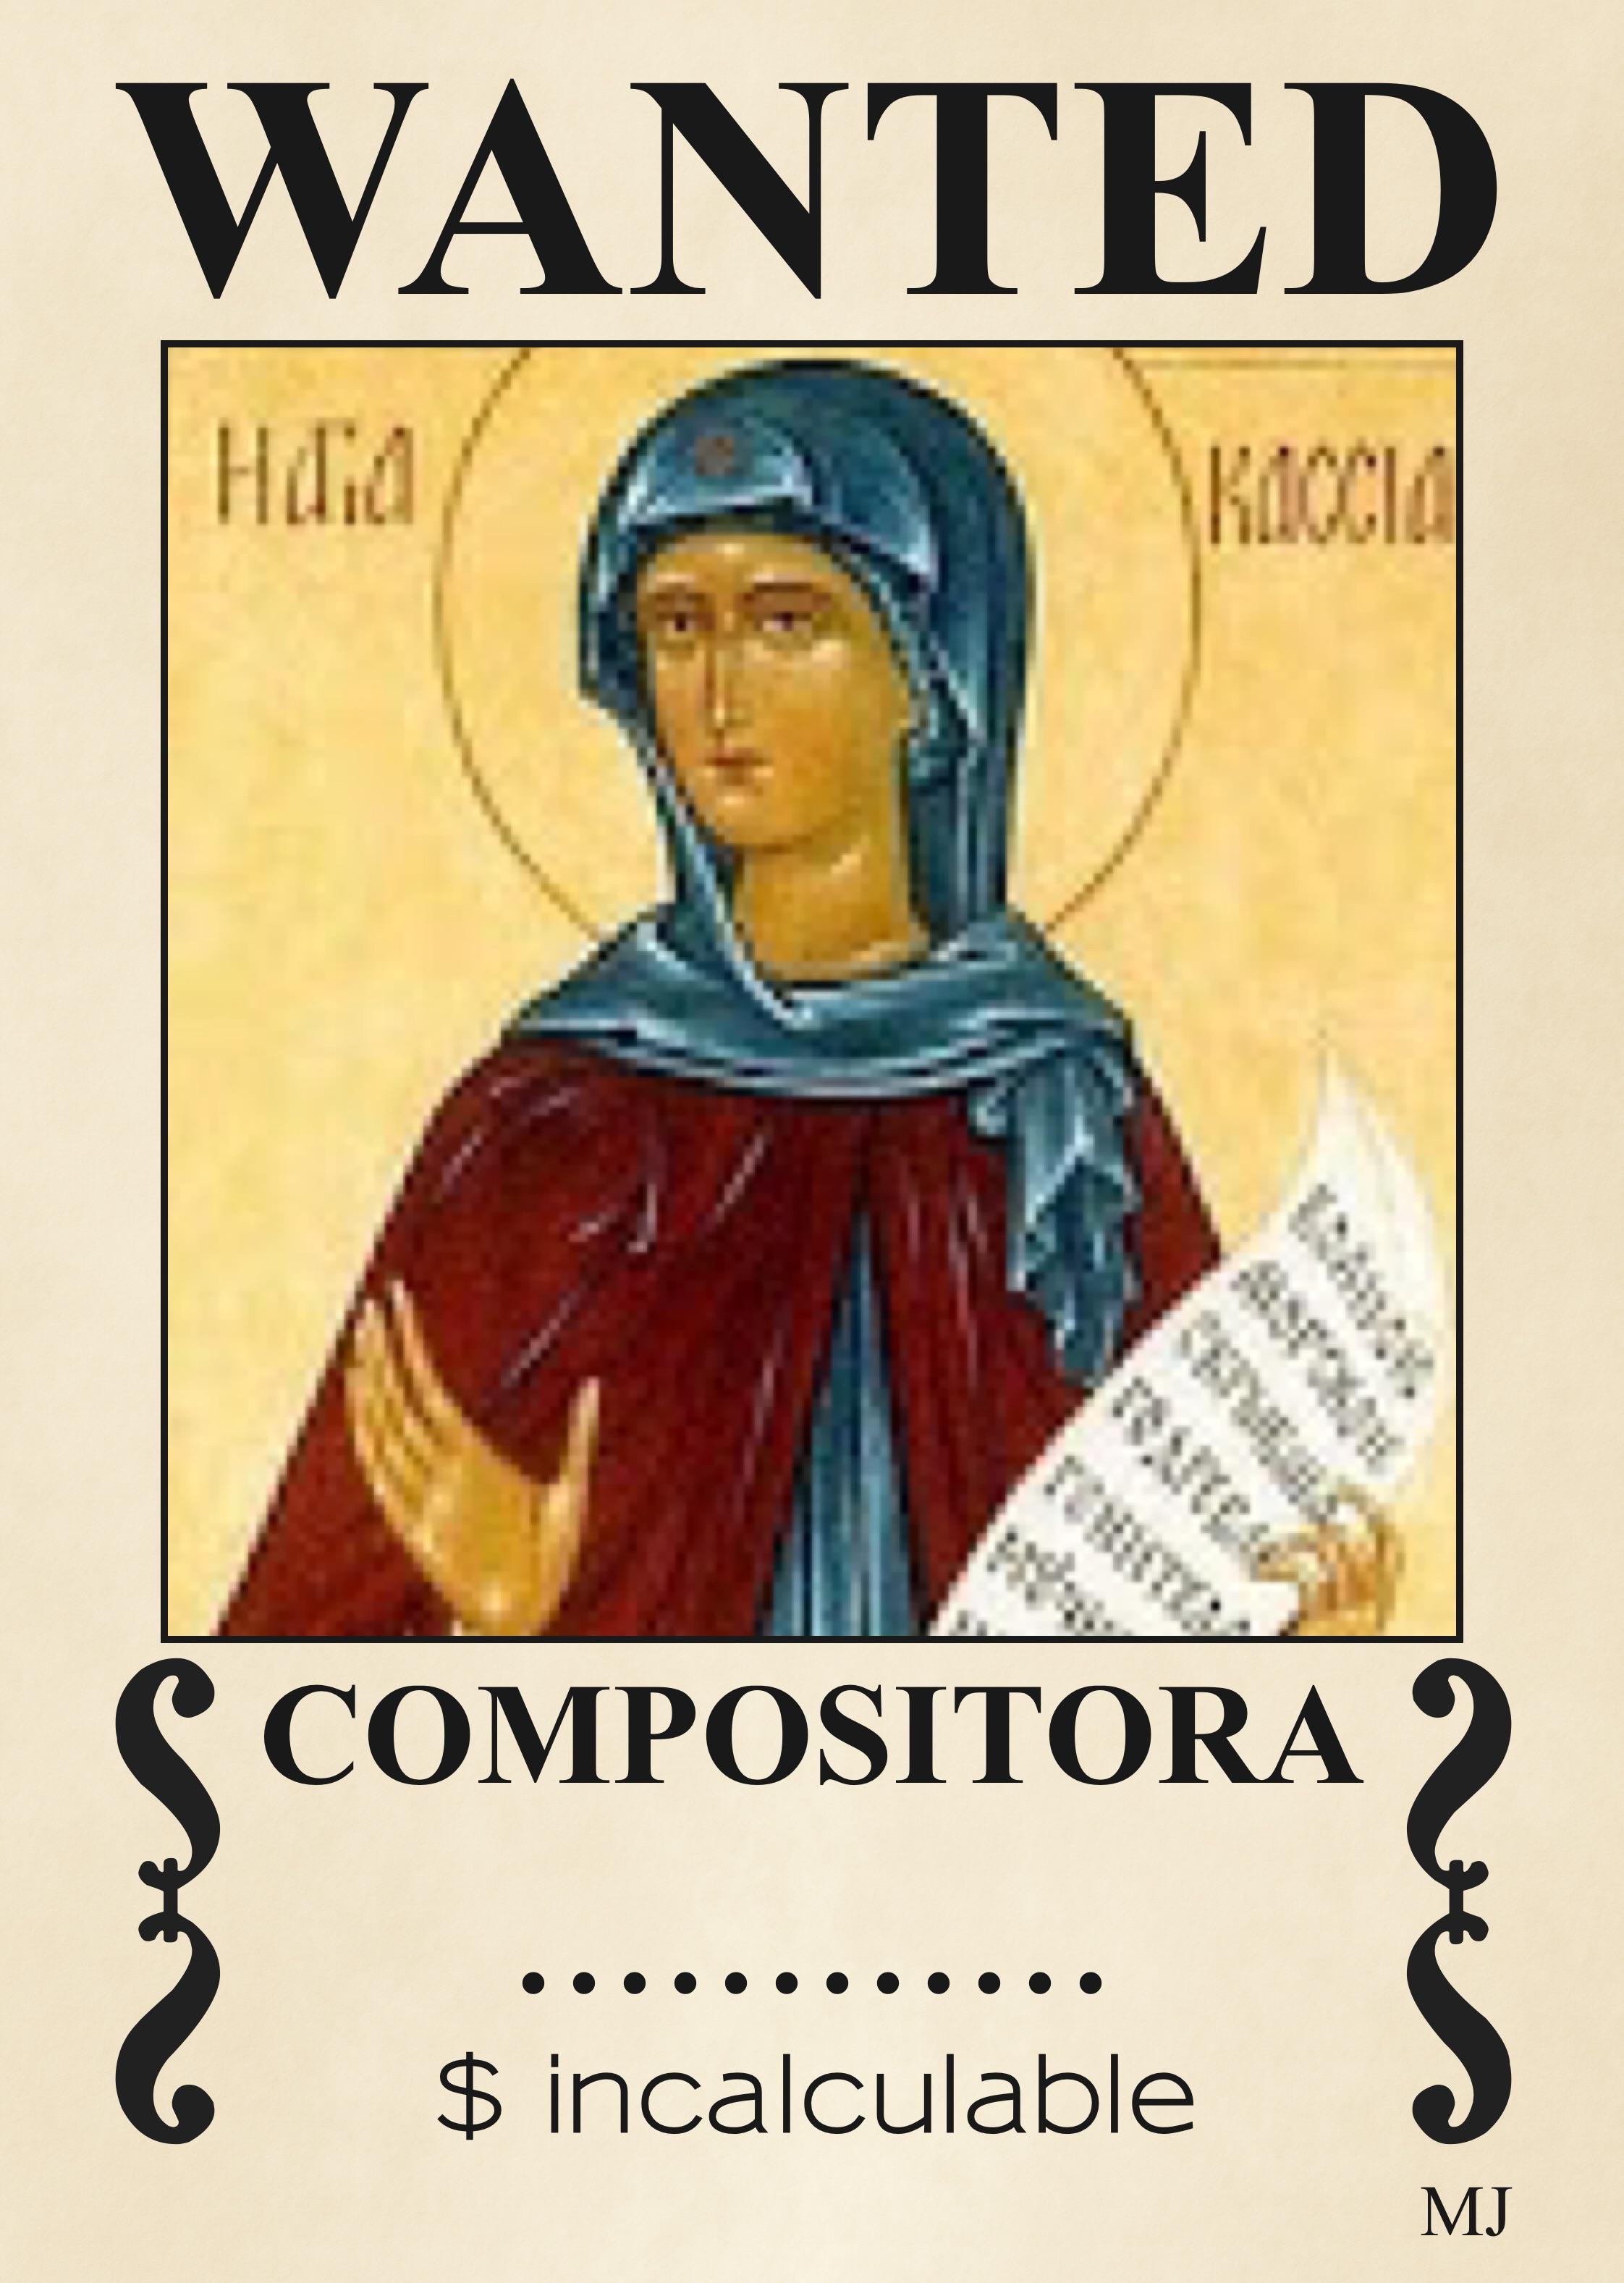 compositora-1